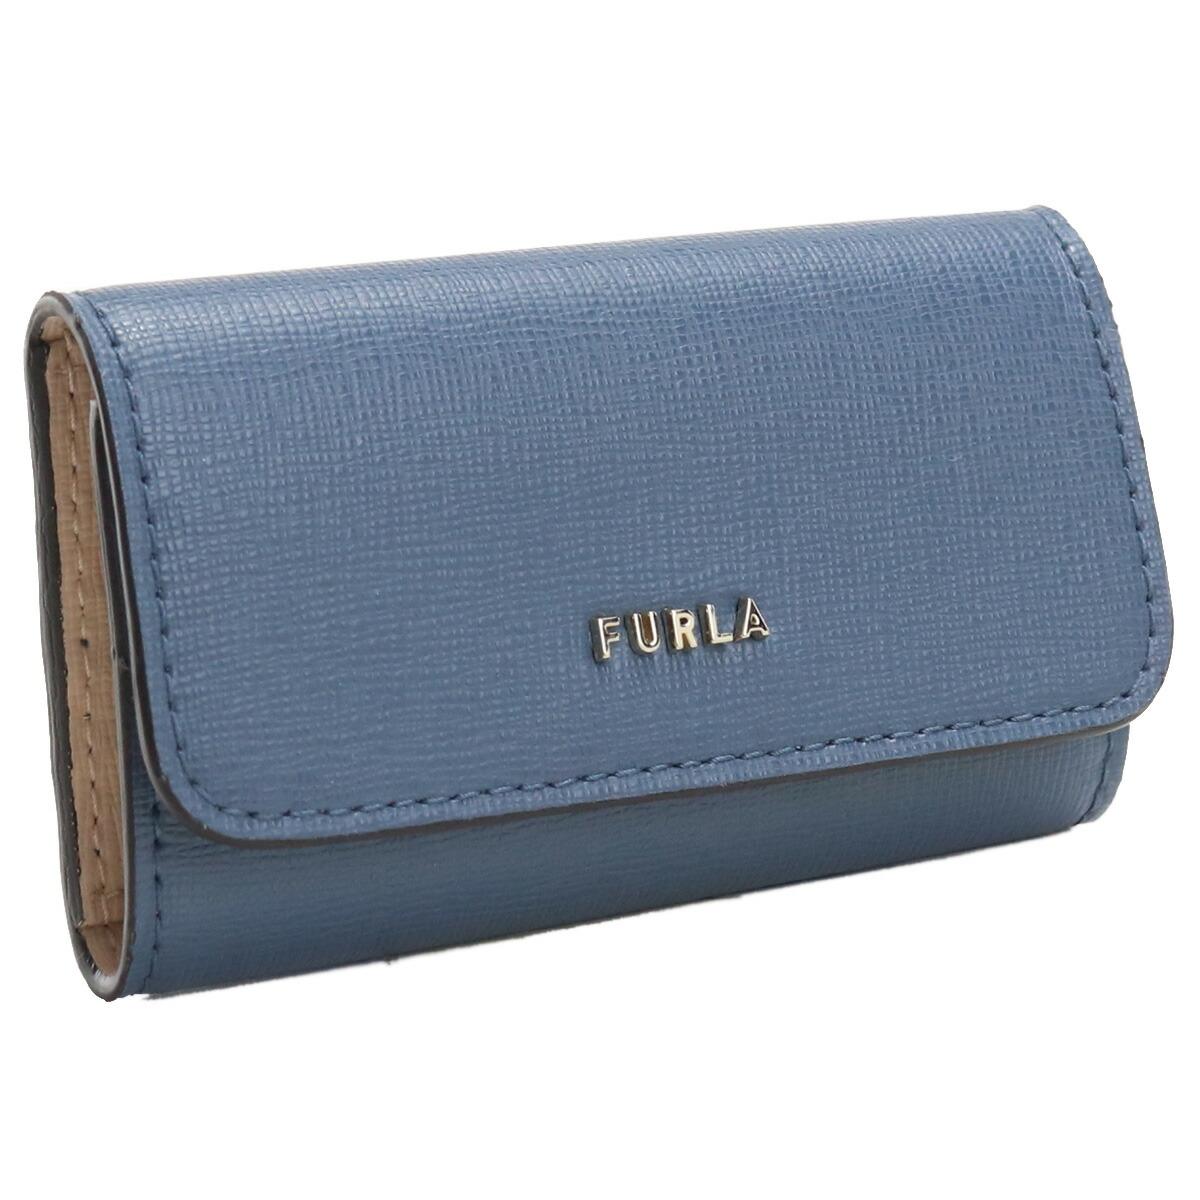 フルラ FURLA BABYLON 4連キーケース ブランドキーケース RAC5UNO B30000 0245S BLU DENIM+BALLERINA ブルー系 gsw-2